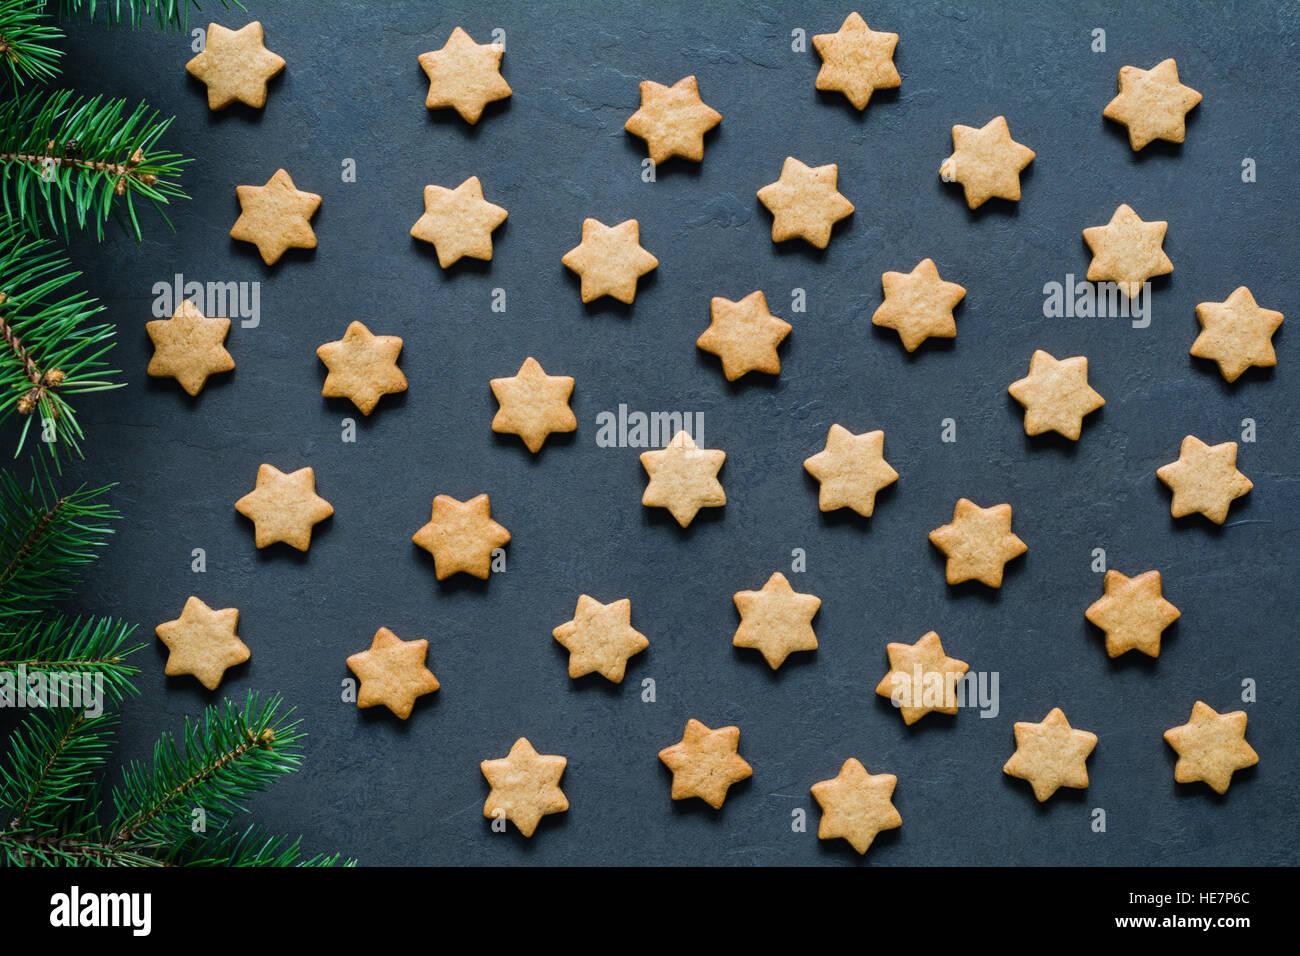 Sternen geformt Lebkuchen zu Weihnachten. Urlaub backen. Draufsicht, getönten Bild, flach legen oder Muster Stockbild